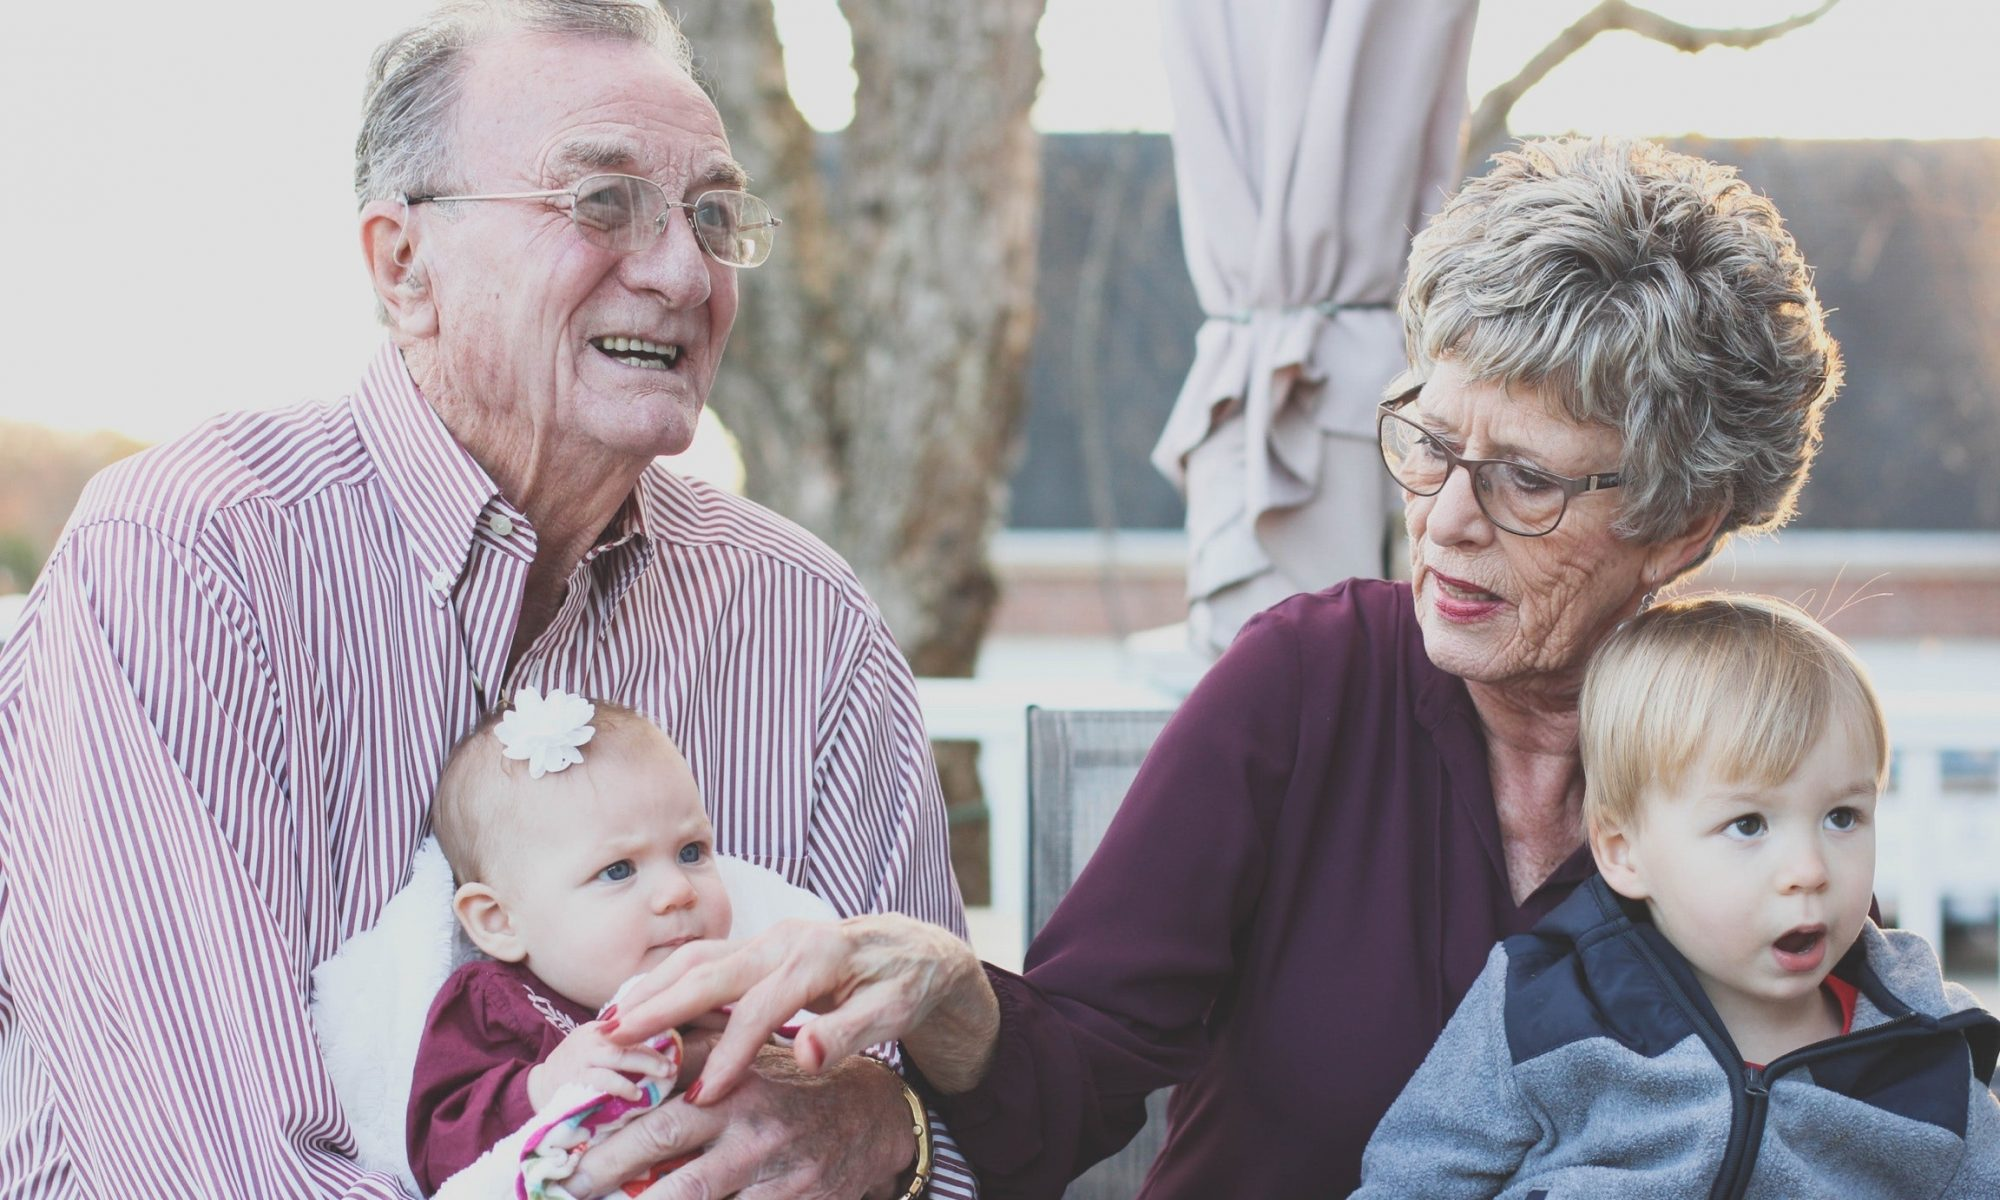 bahagia orang tua